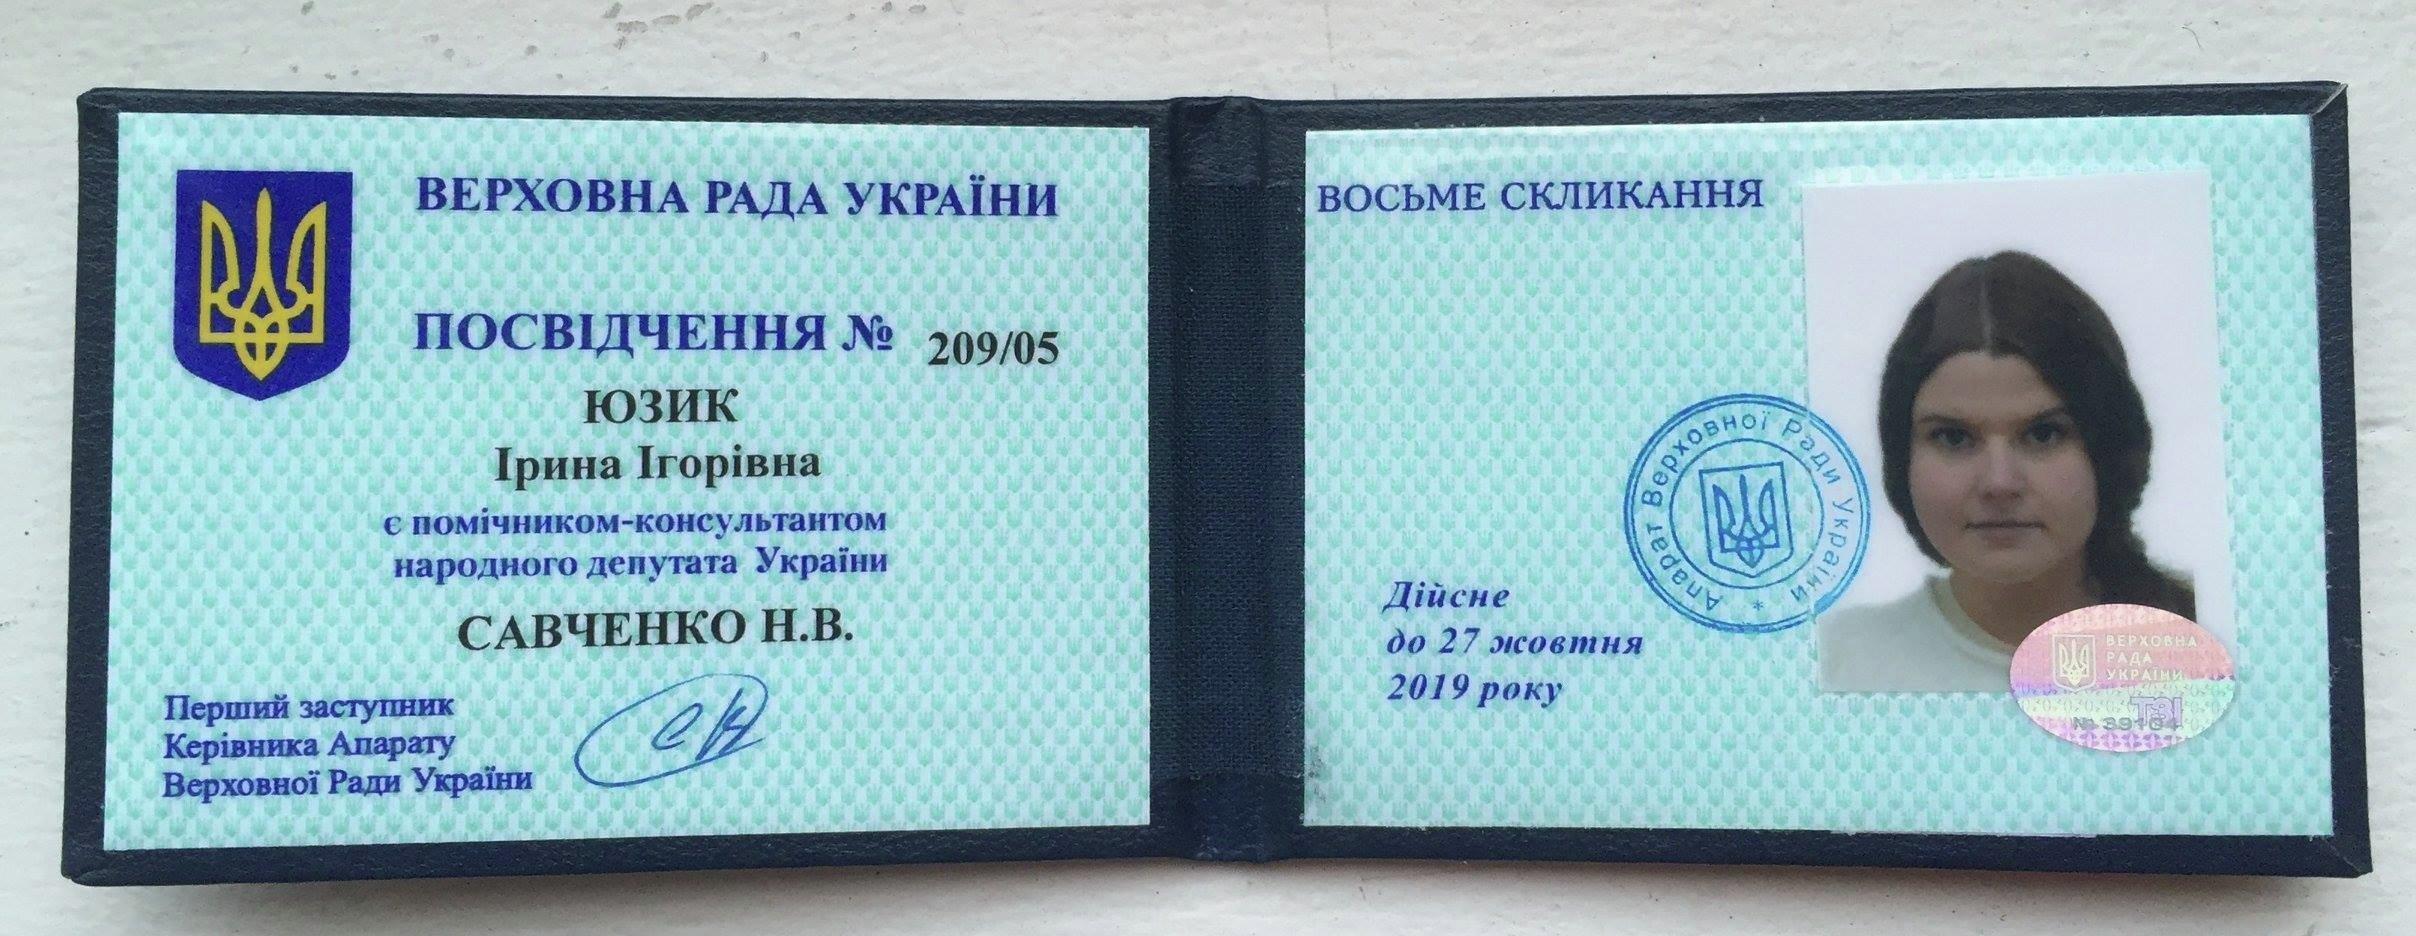 Захист Савченко подаватиме апеляцію на запобіжний захід, обраний їй Шевченківським судом, - адвокат - Цензор.НЕТ 2884